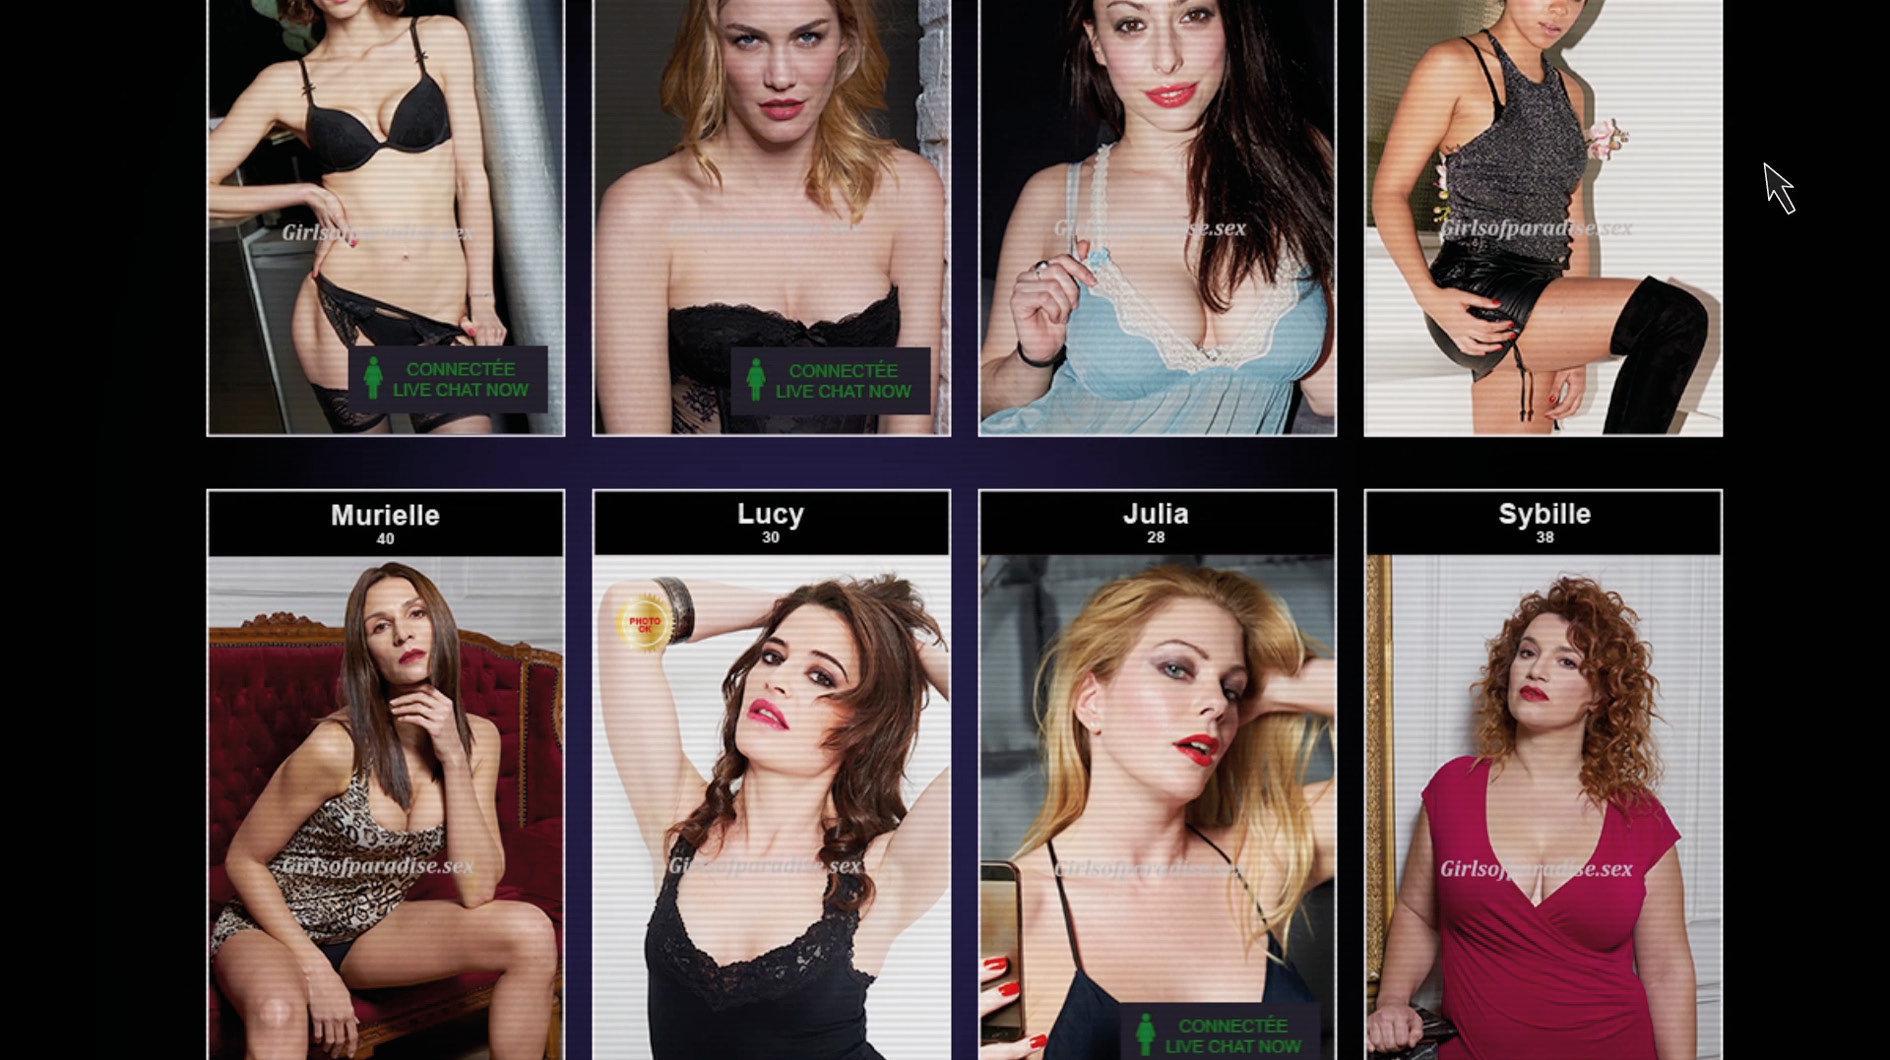 paginas para contratar prostitutas peripateticas prostitutas